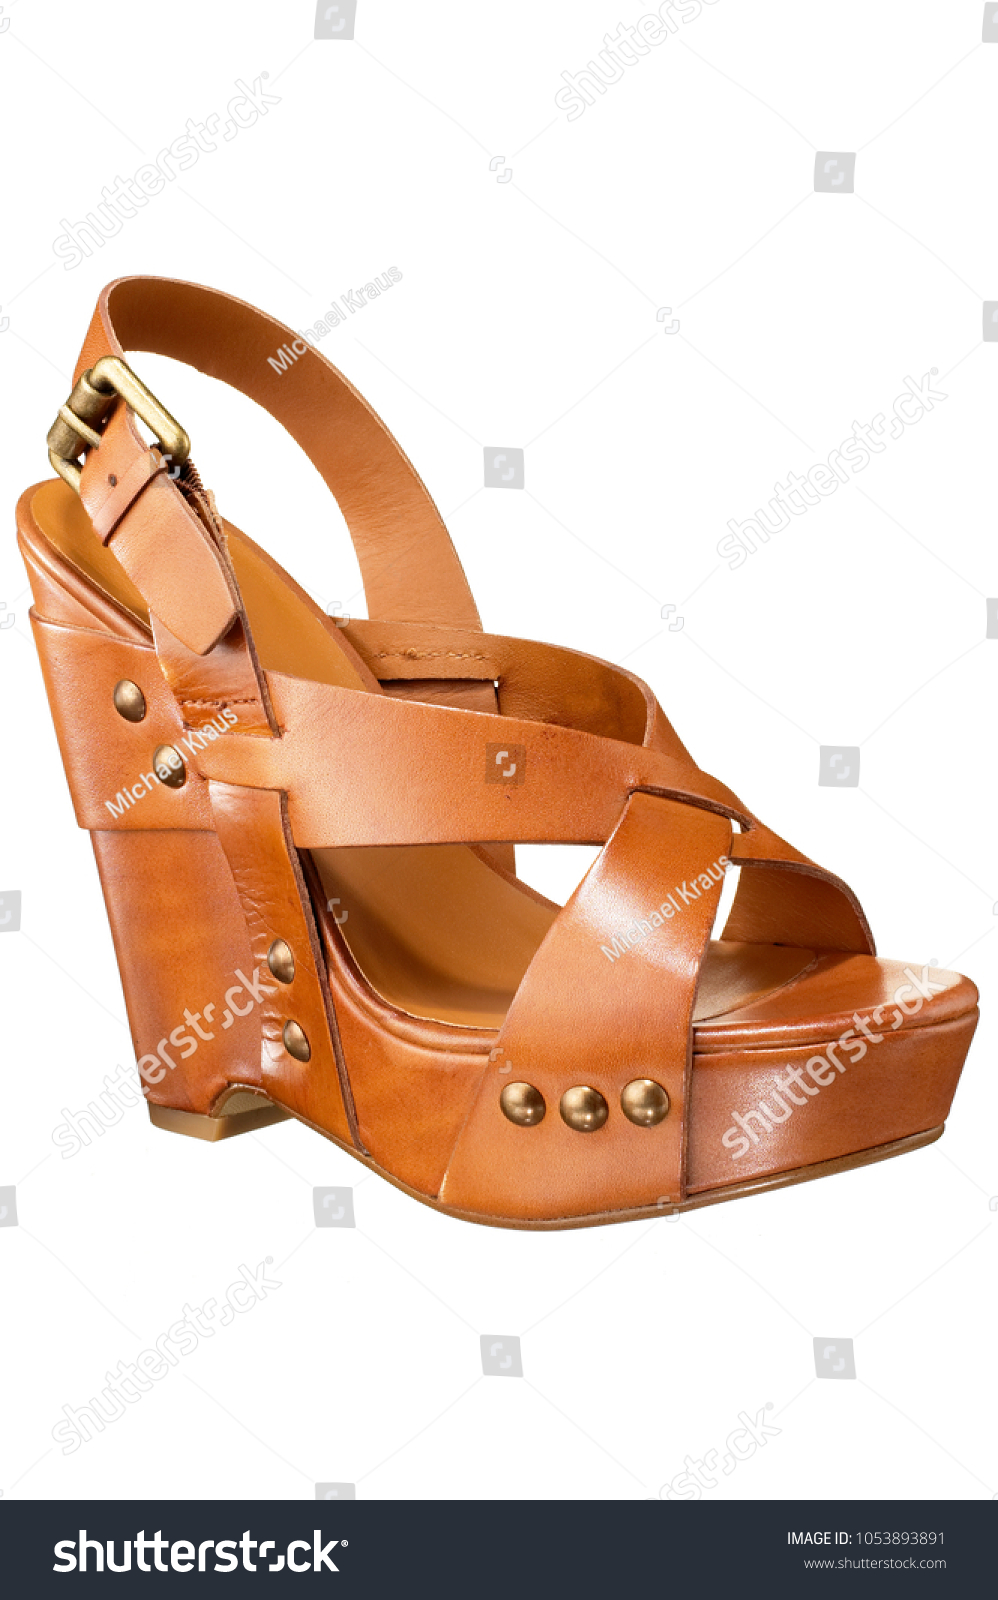 a6ba5a11e82 Open Toe High Heel Wedge Shoe Stock Photo (Edit Now) 1053893891 ...